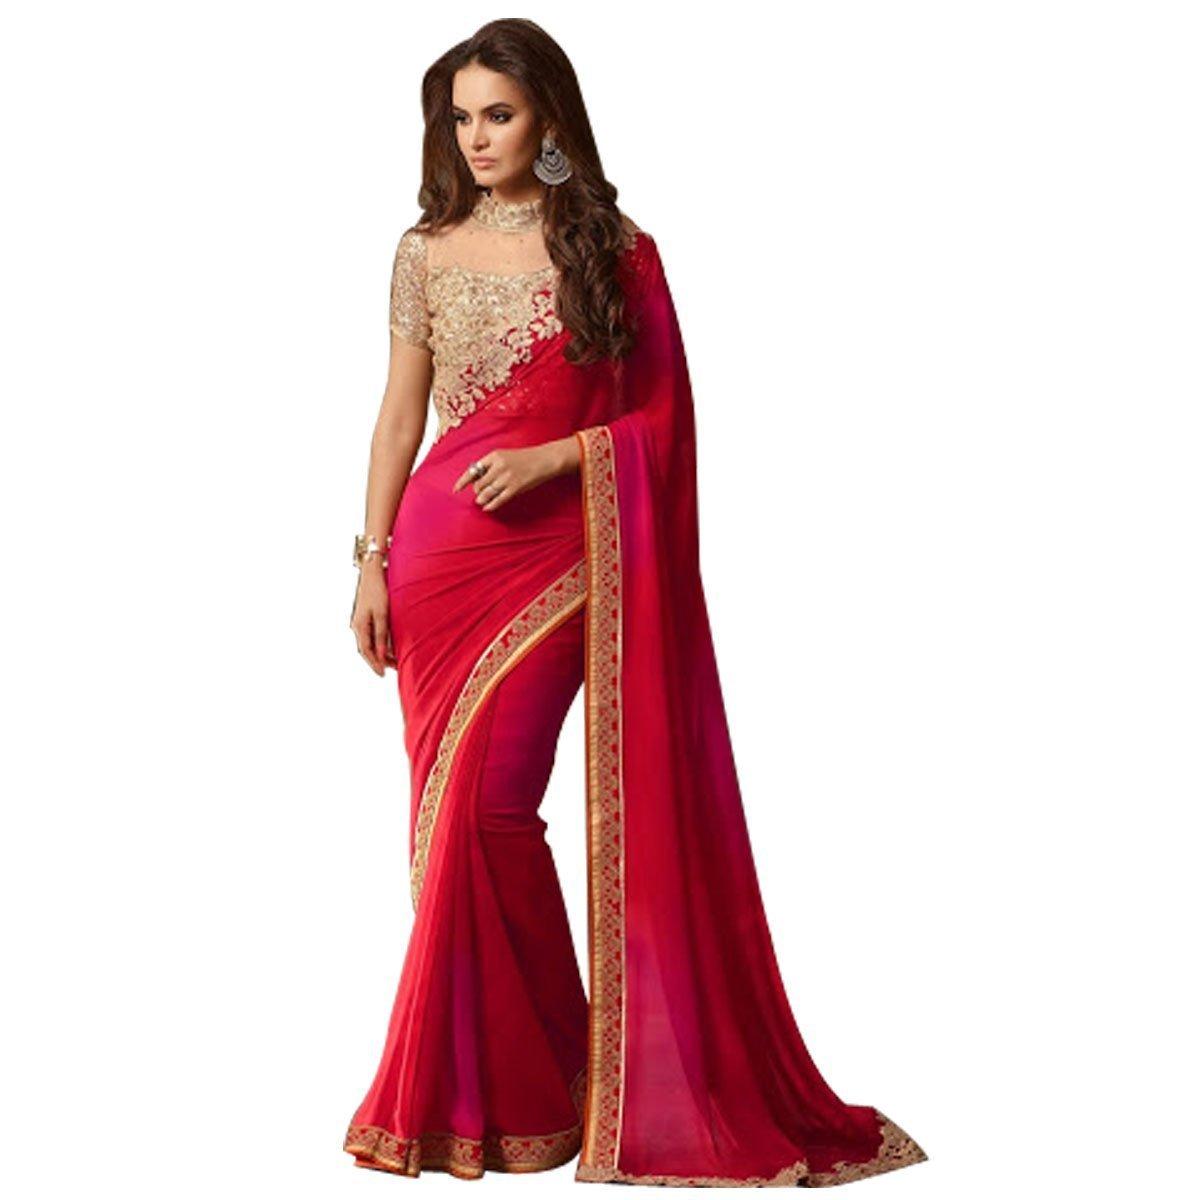 Brautkleid Hochzeitsfest tragen rote Sari Kleid indischen Frauen ...